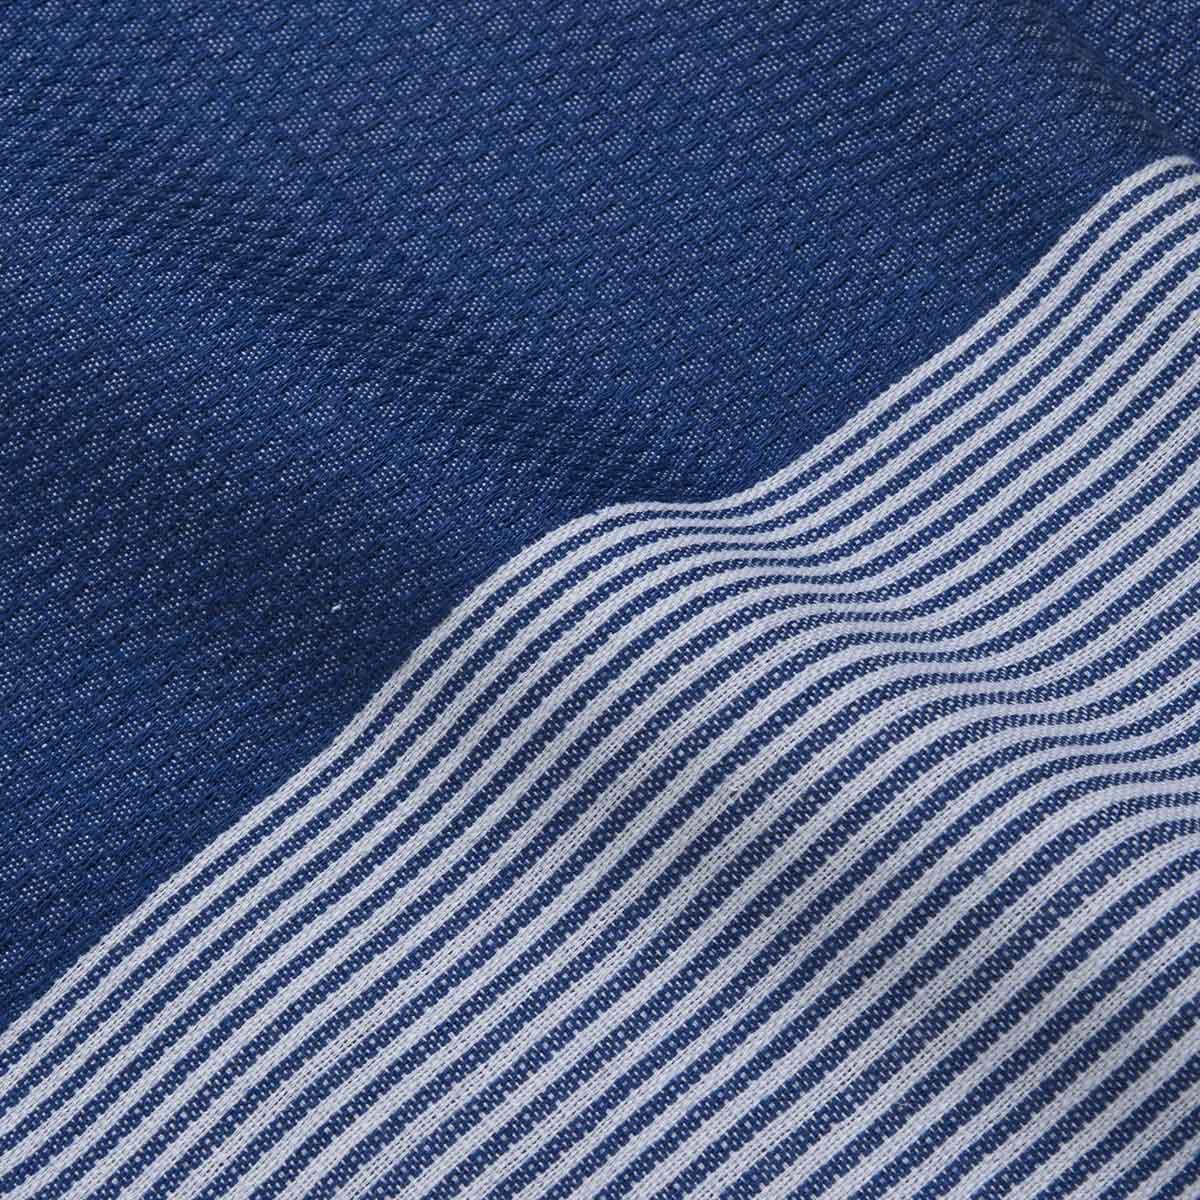 Peshtemal Asel - Royal Blue